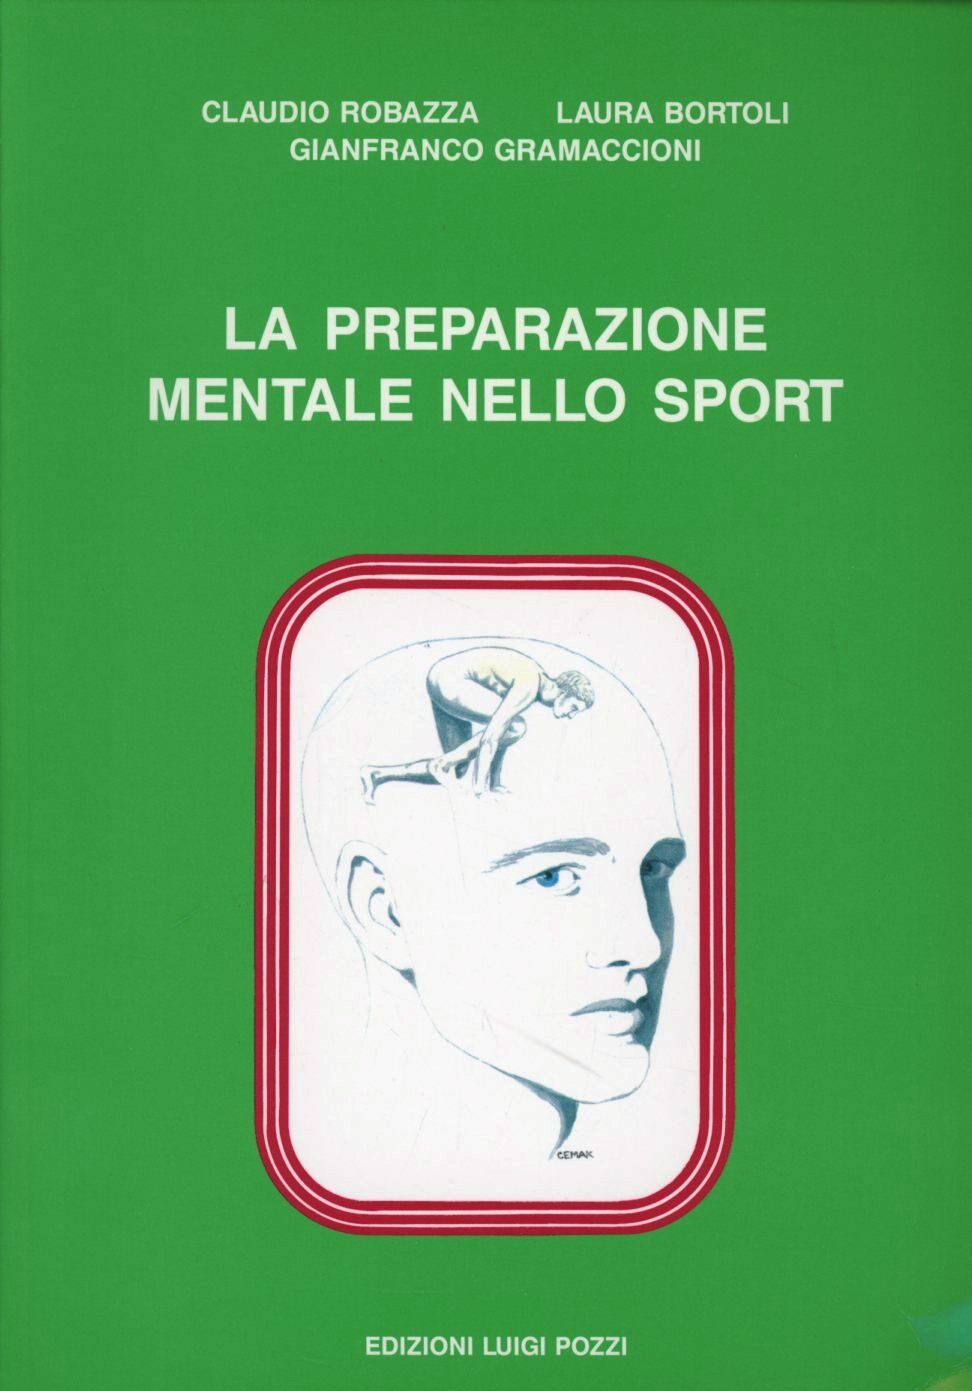 La preparazione mentale nello sport